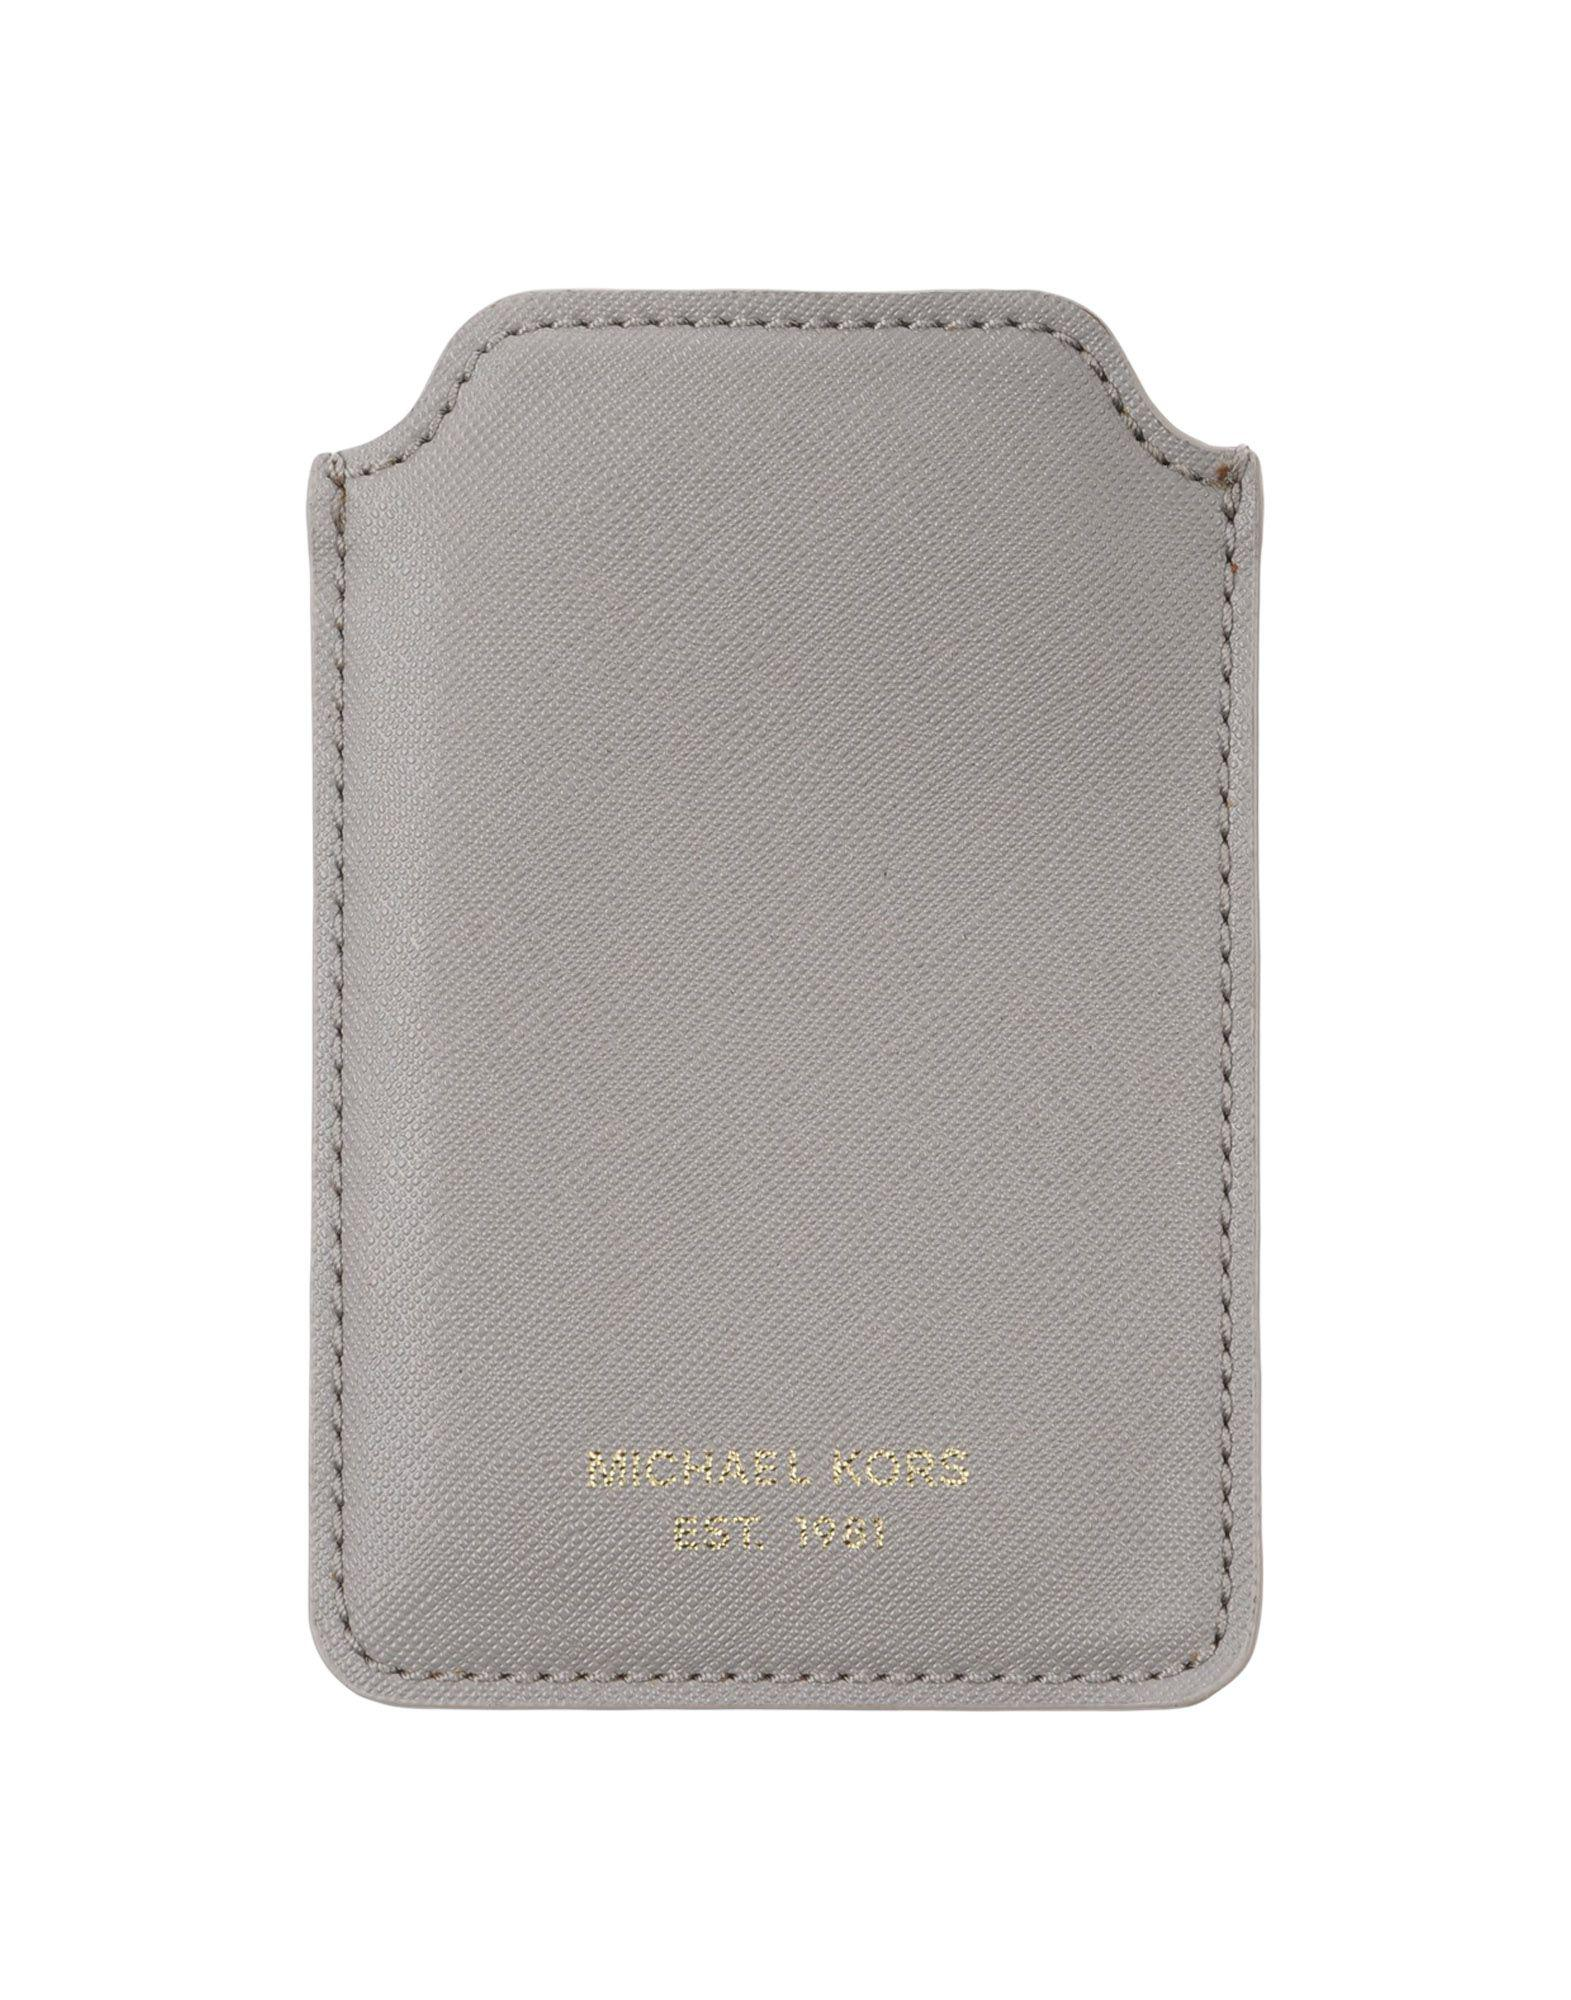 HI-TECH - Hi-tech Accessories Michael Kors L70Ks7n